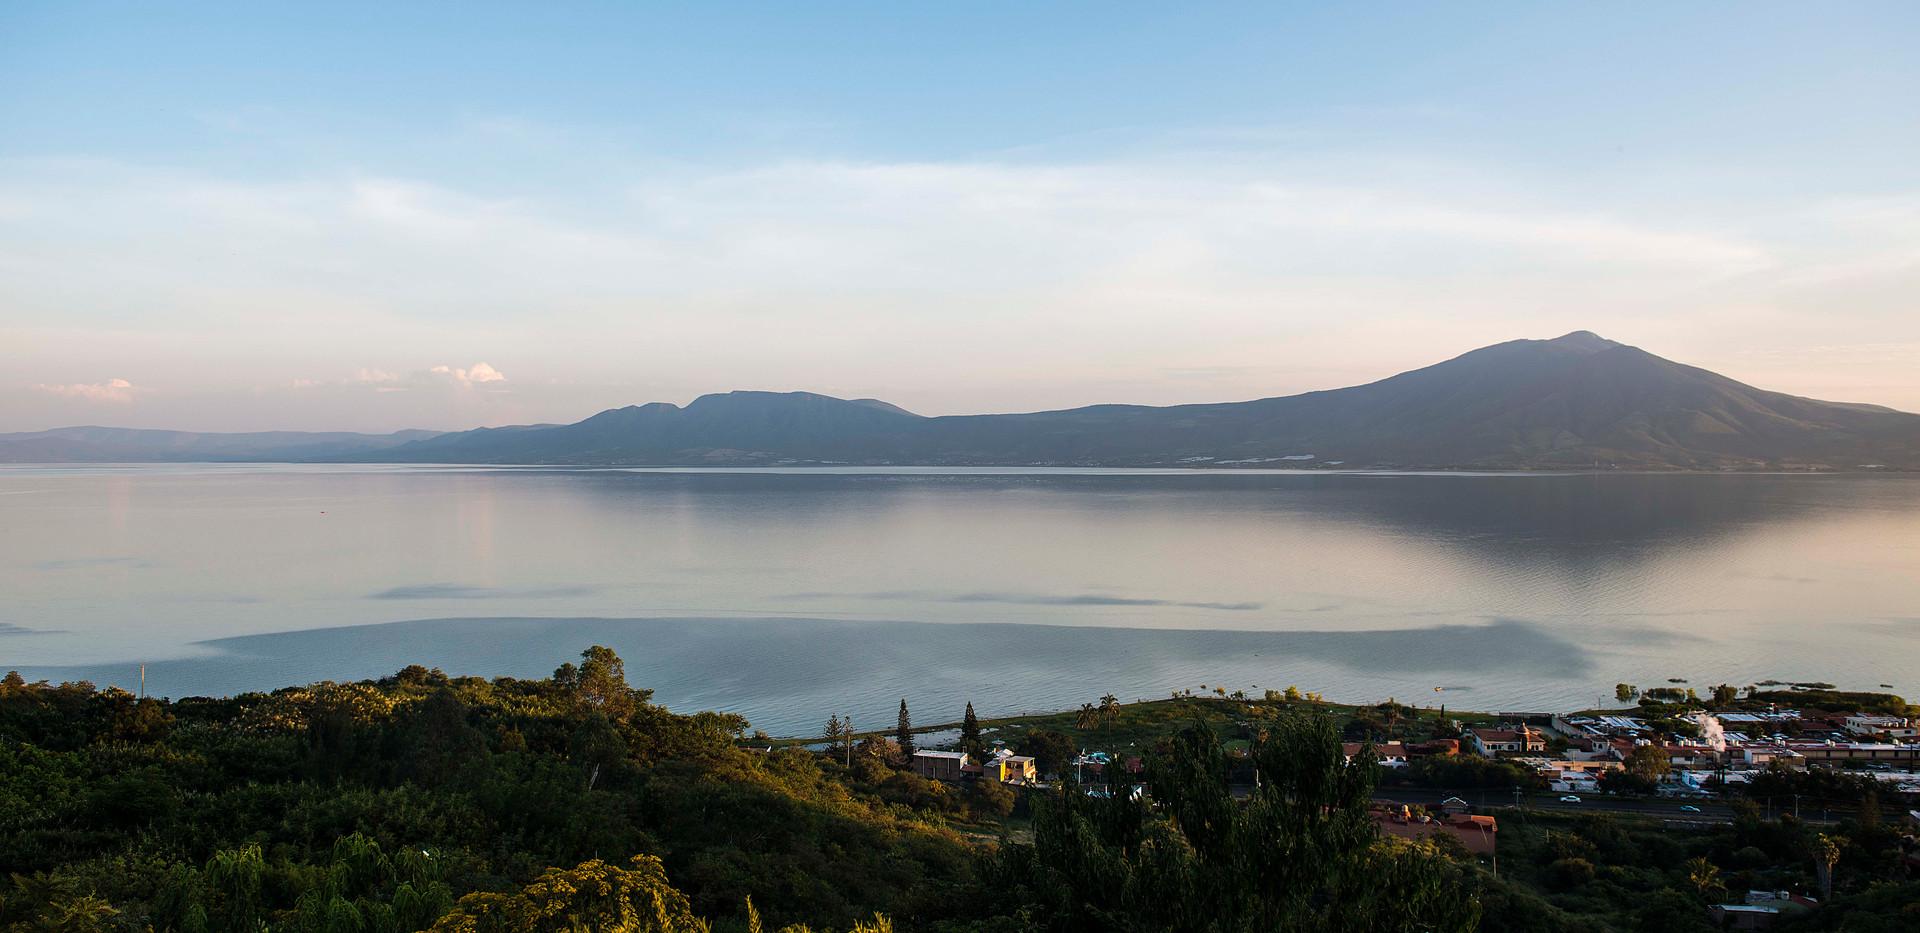 Lake Chapala from above San Juan Cosala